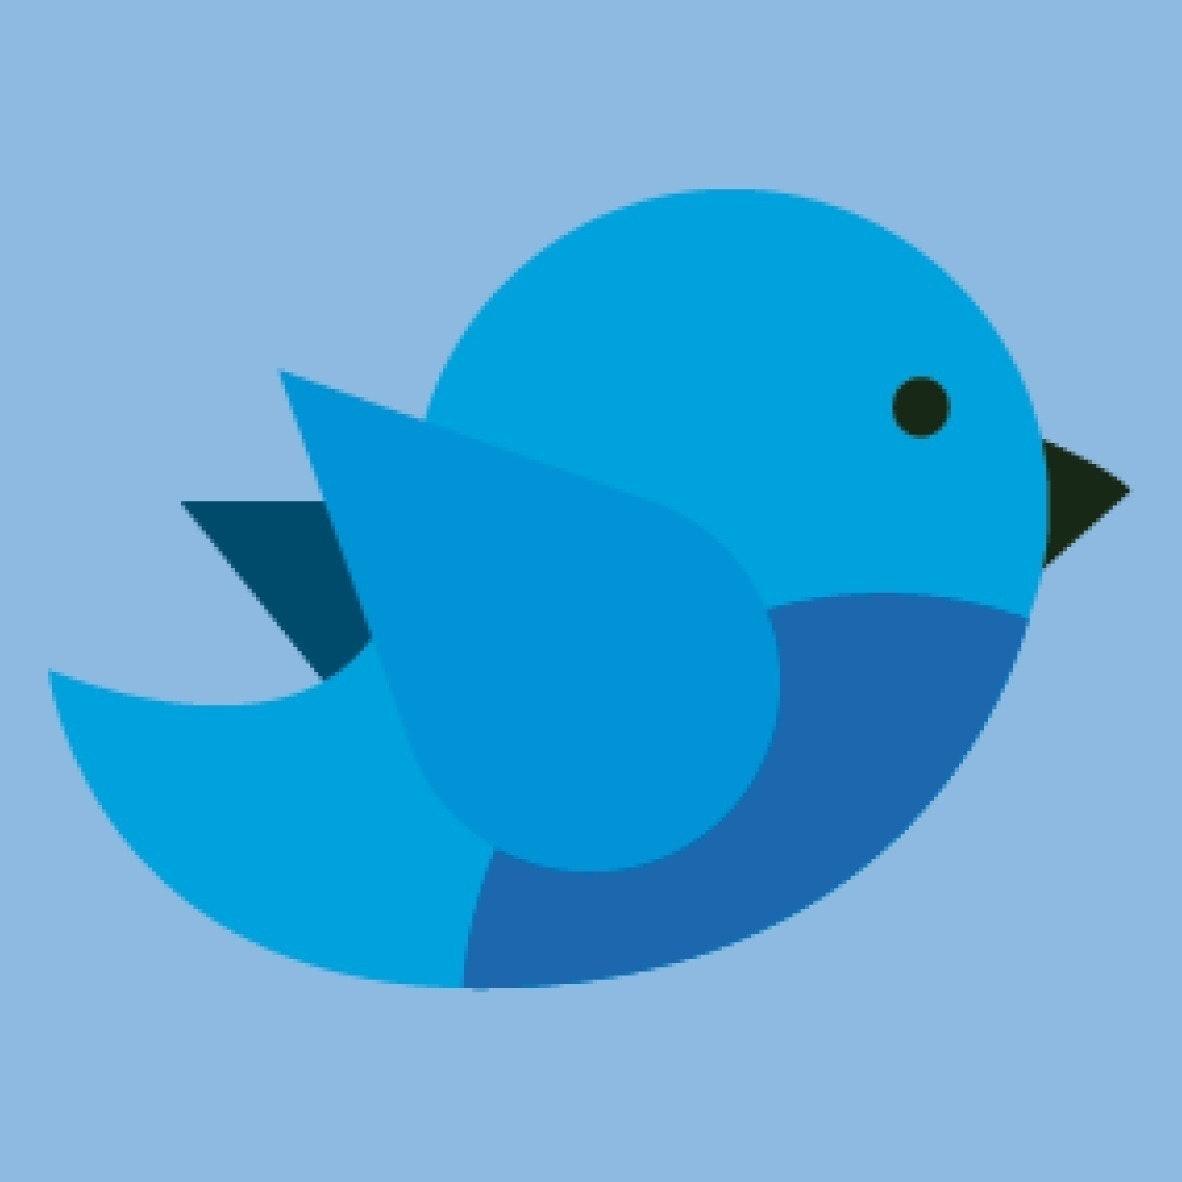 RetweetBird